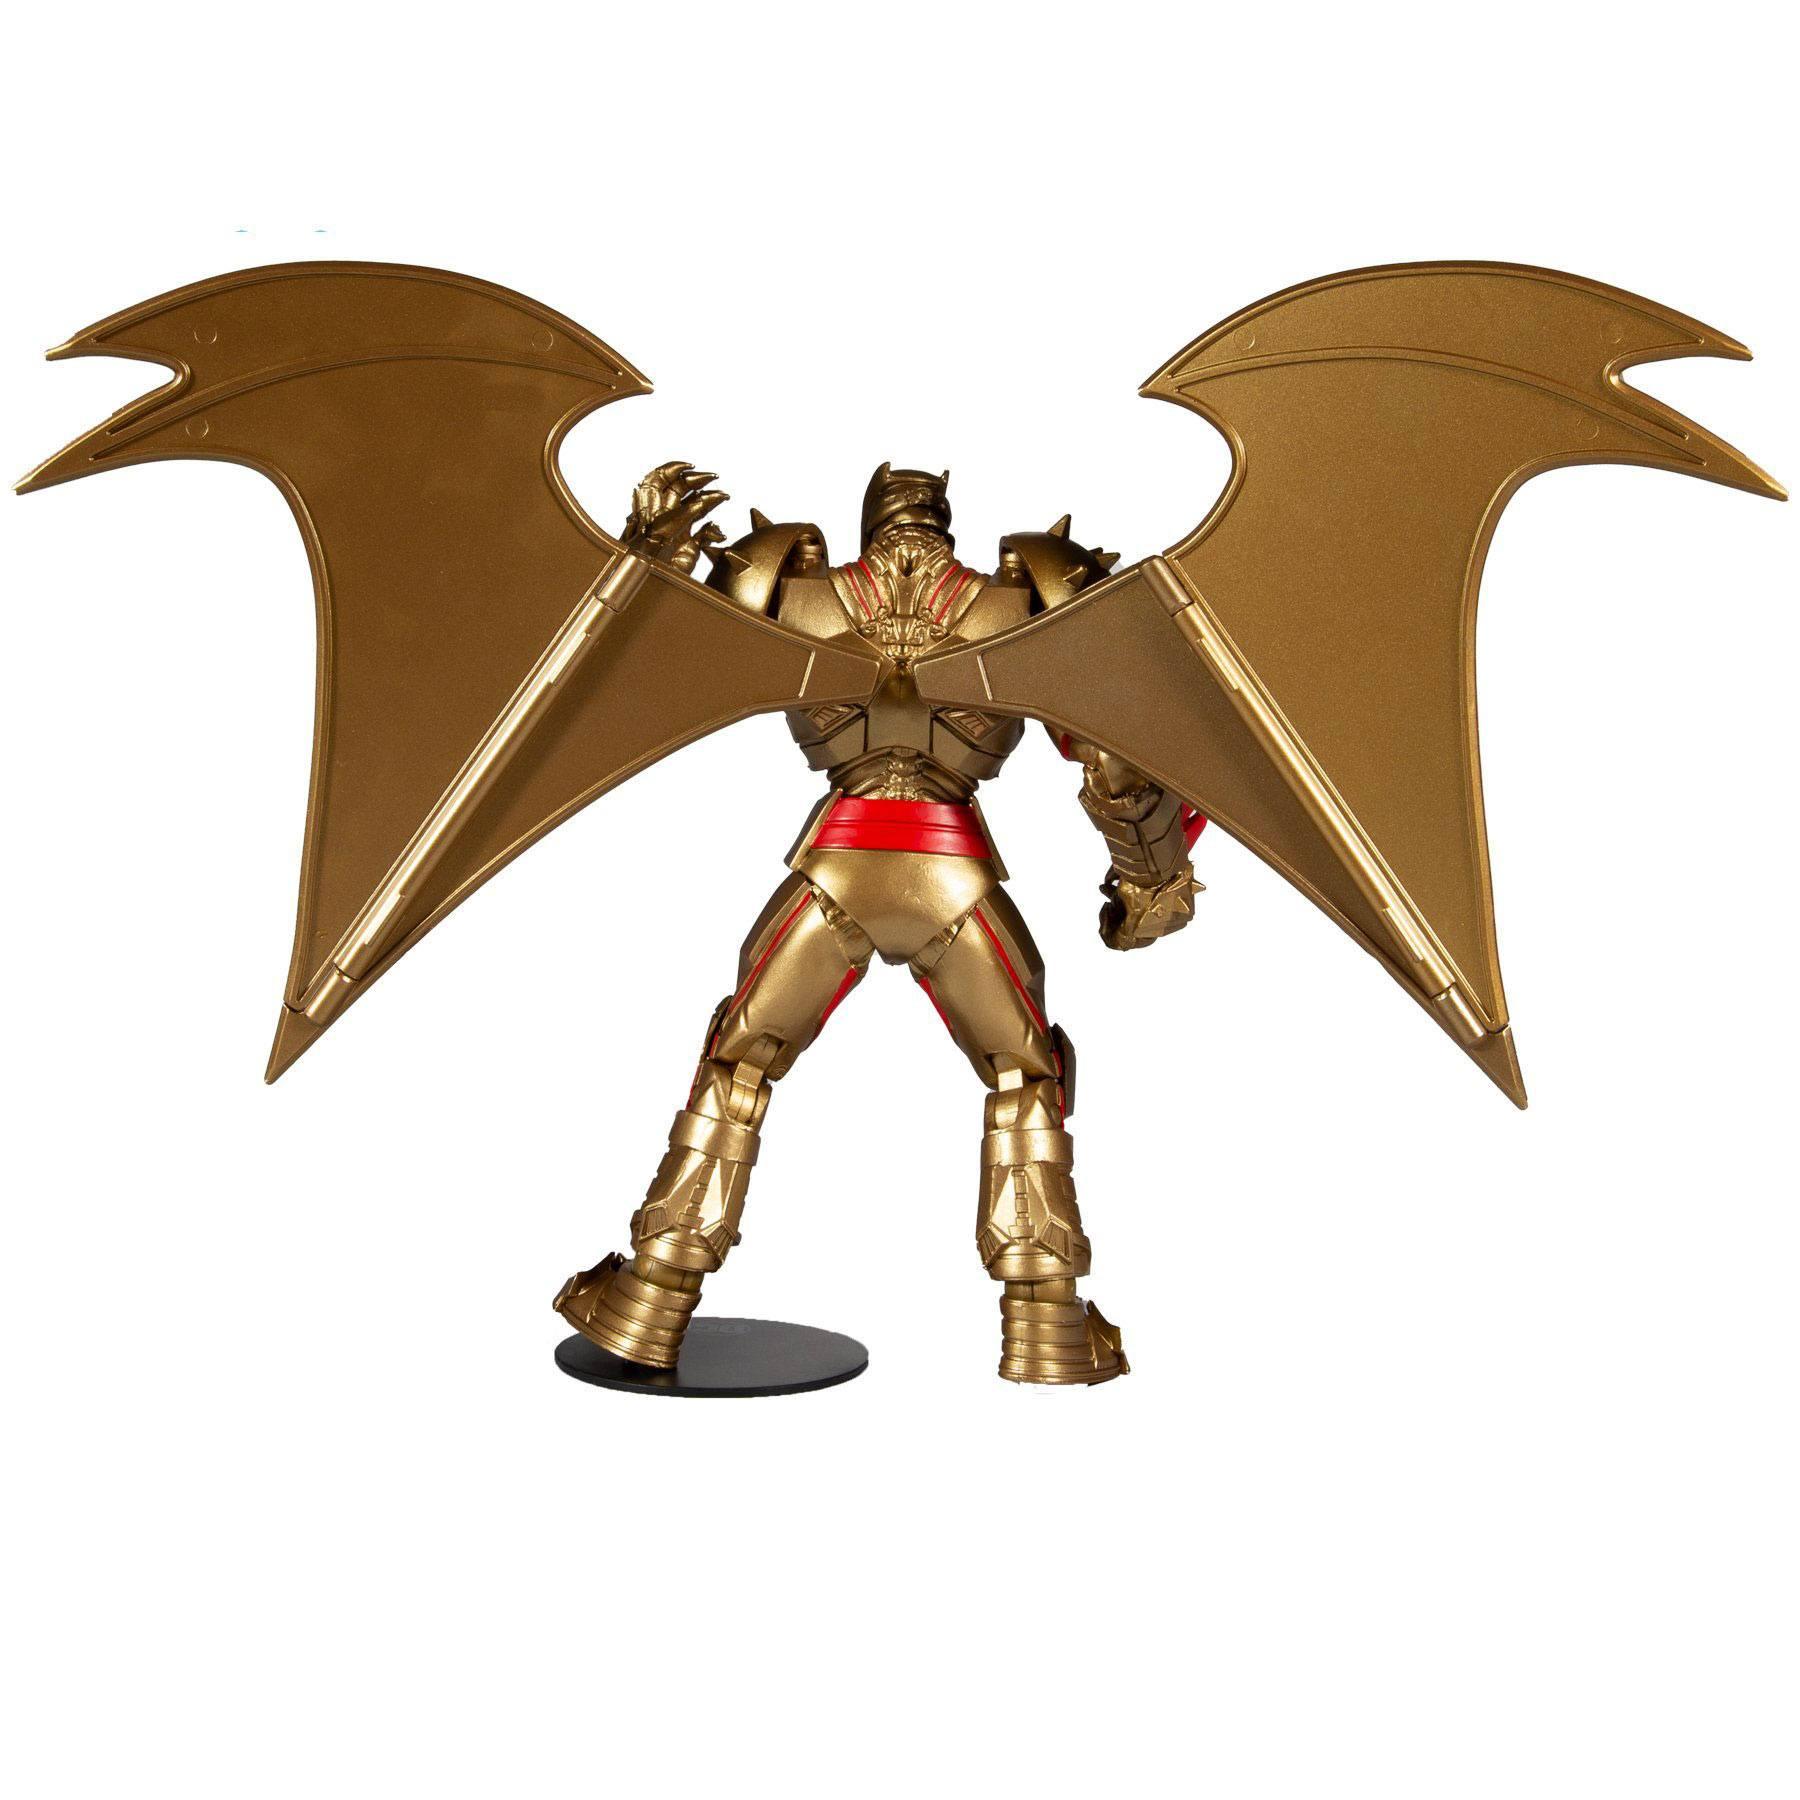 DC Multiverse Actionfigur Batman Hellbat Suit (Gold Edition) 18 cm MCF15174-9 787926151749